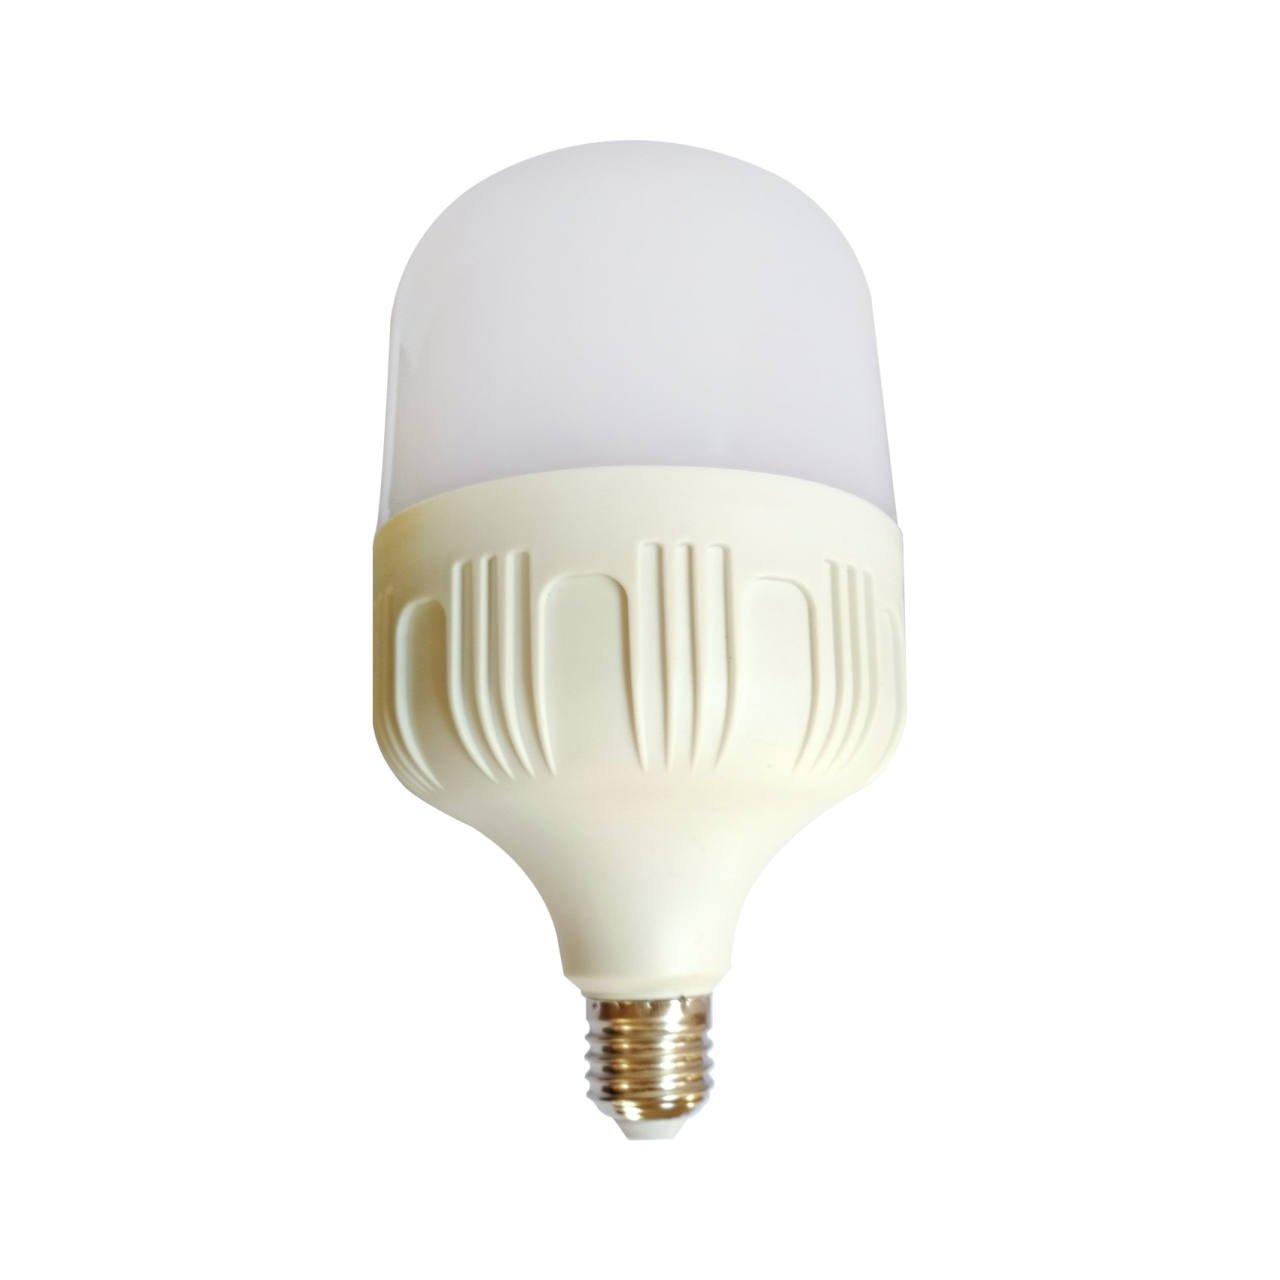 لامپ 50 وات مهتابی استوانه سناتور پایه E27